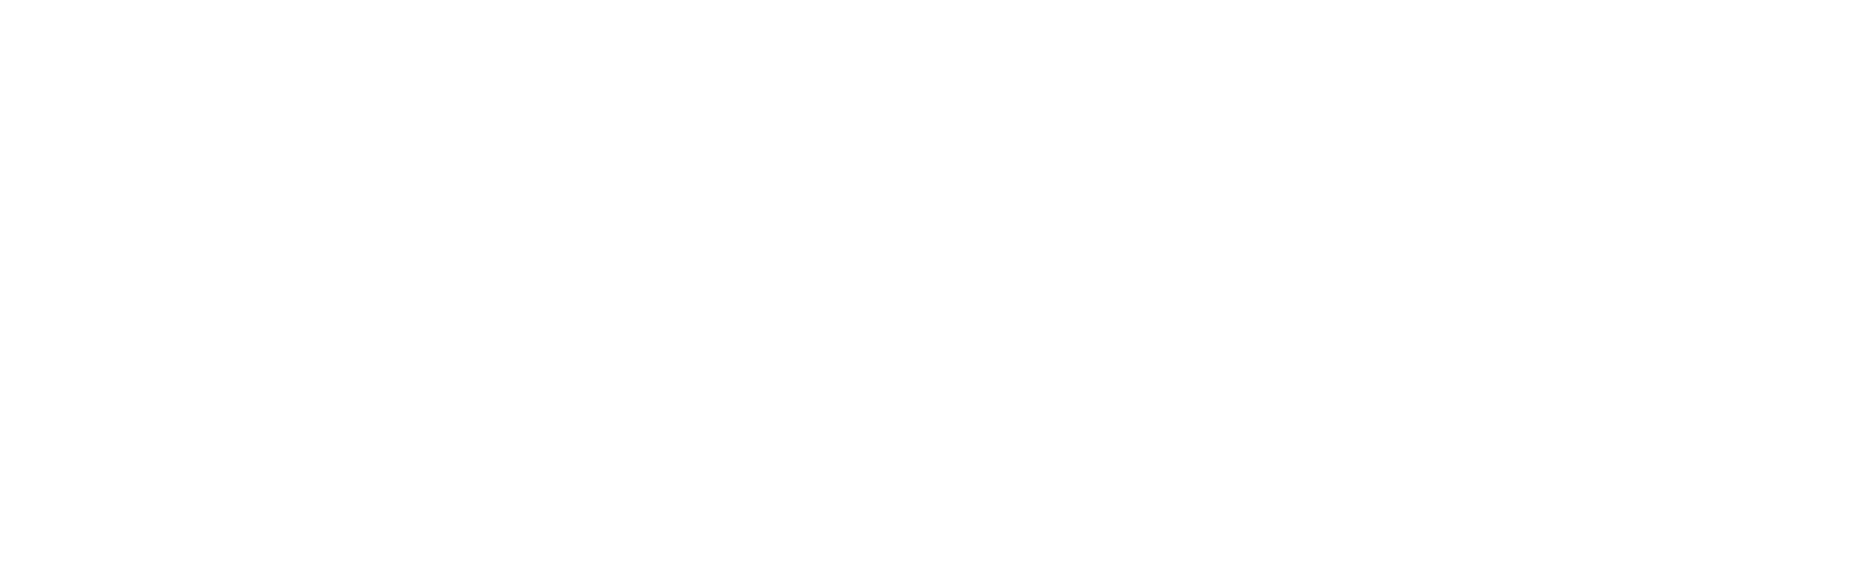 Socialness Brand